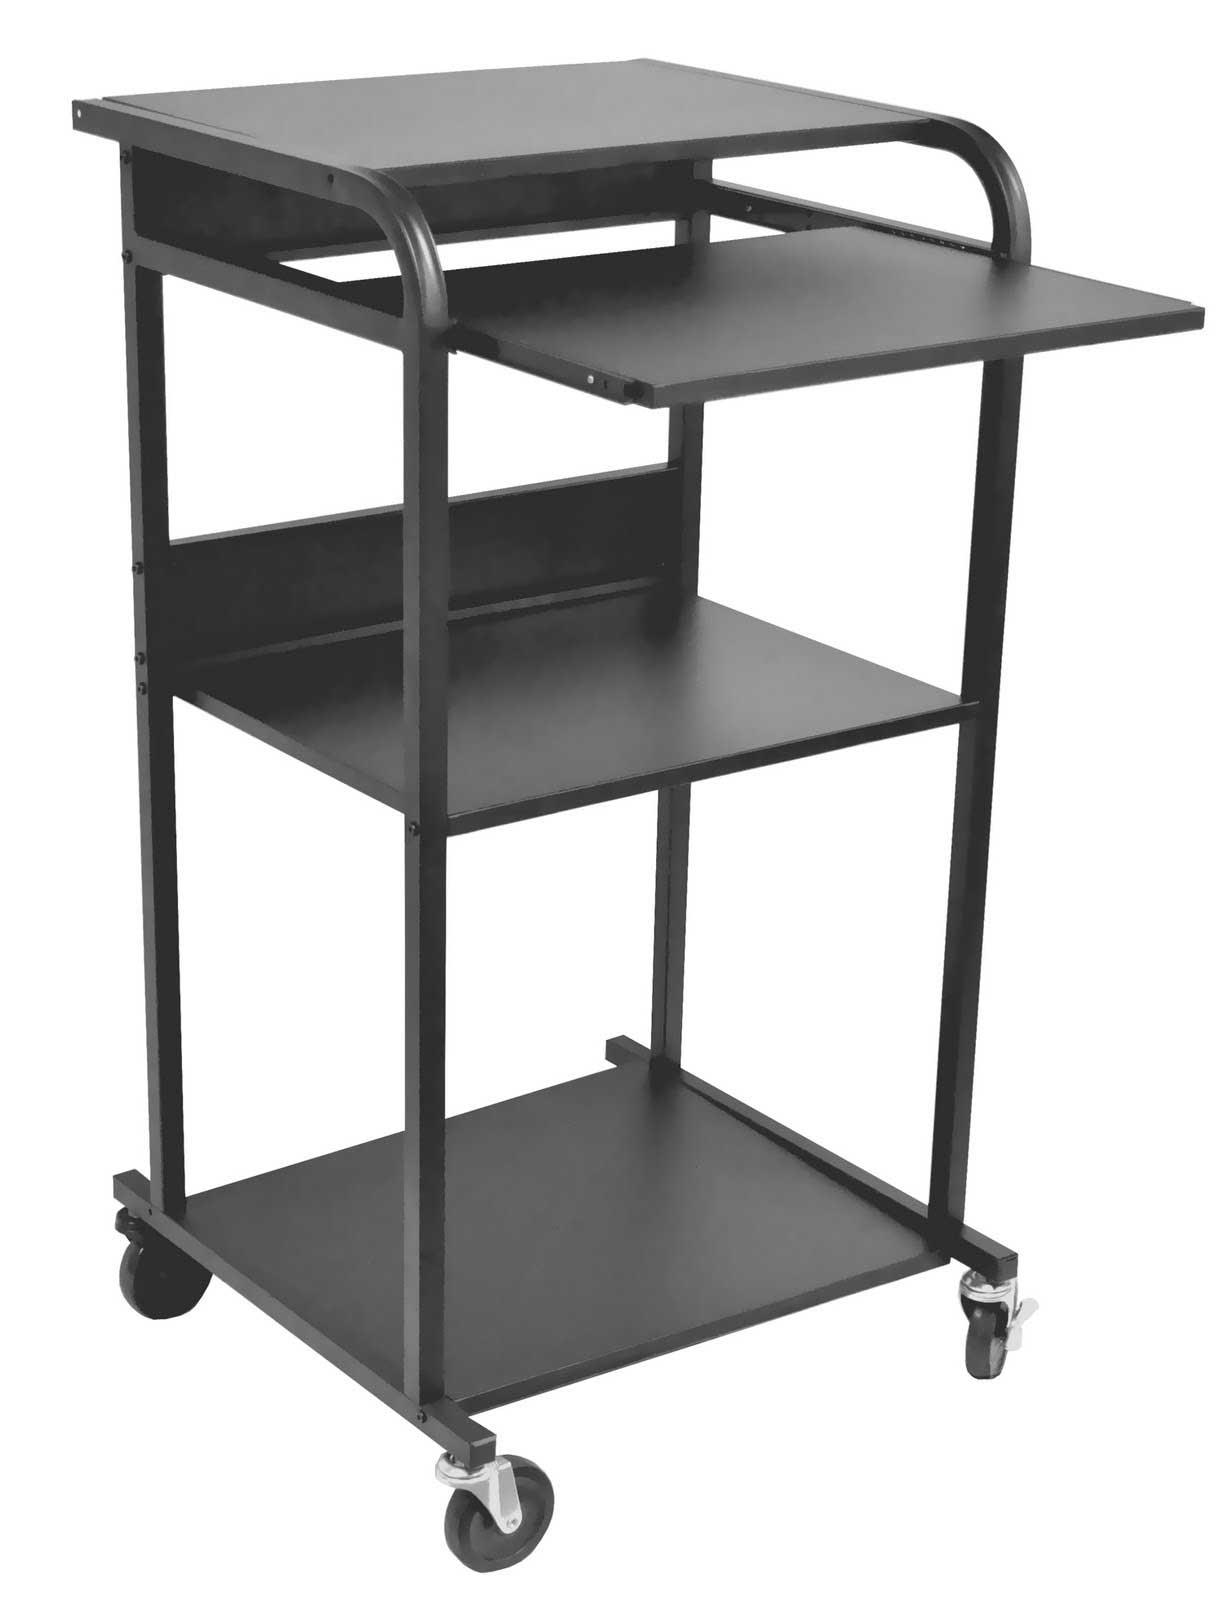 Balt Lapmaster black mobile laptop workstation stand